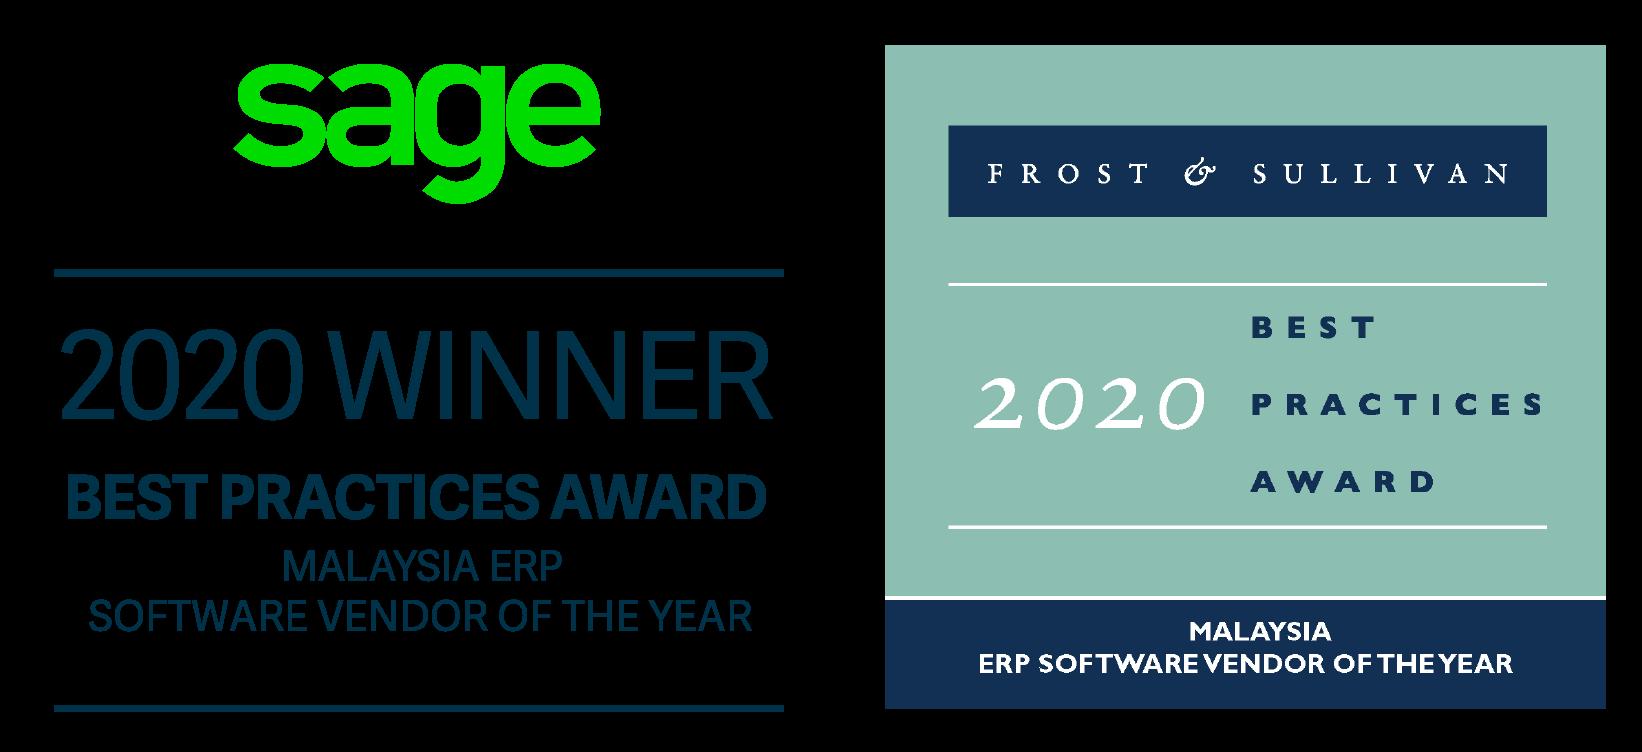 sage frost & sullivan award 2020